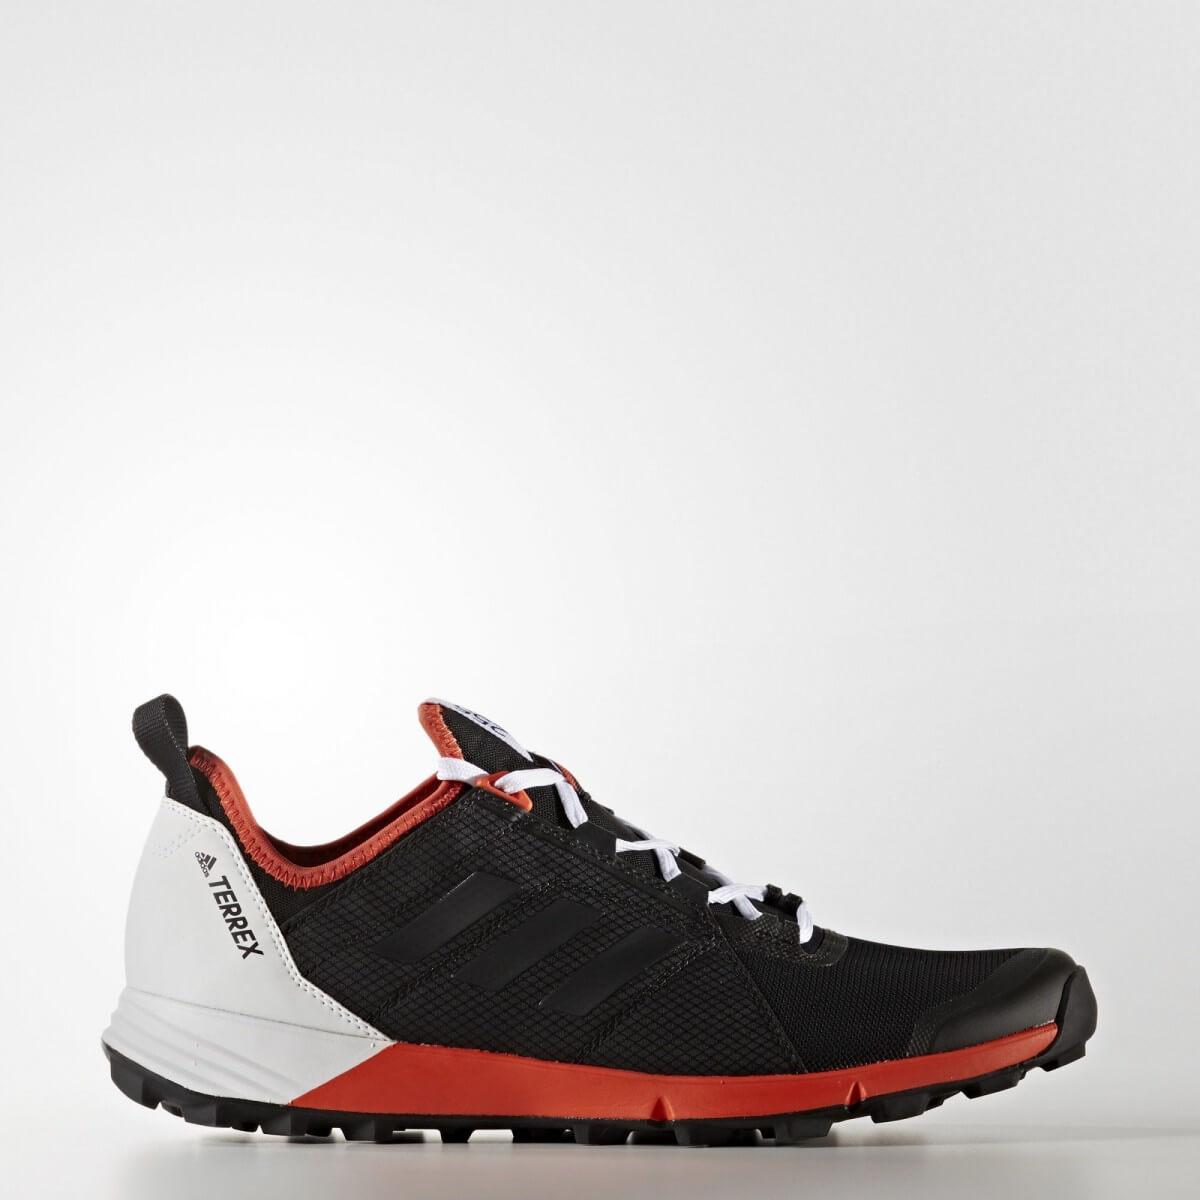 zapatillas adidas terrex speed rojo negro